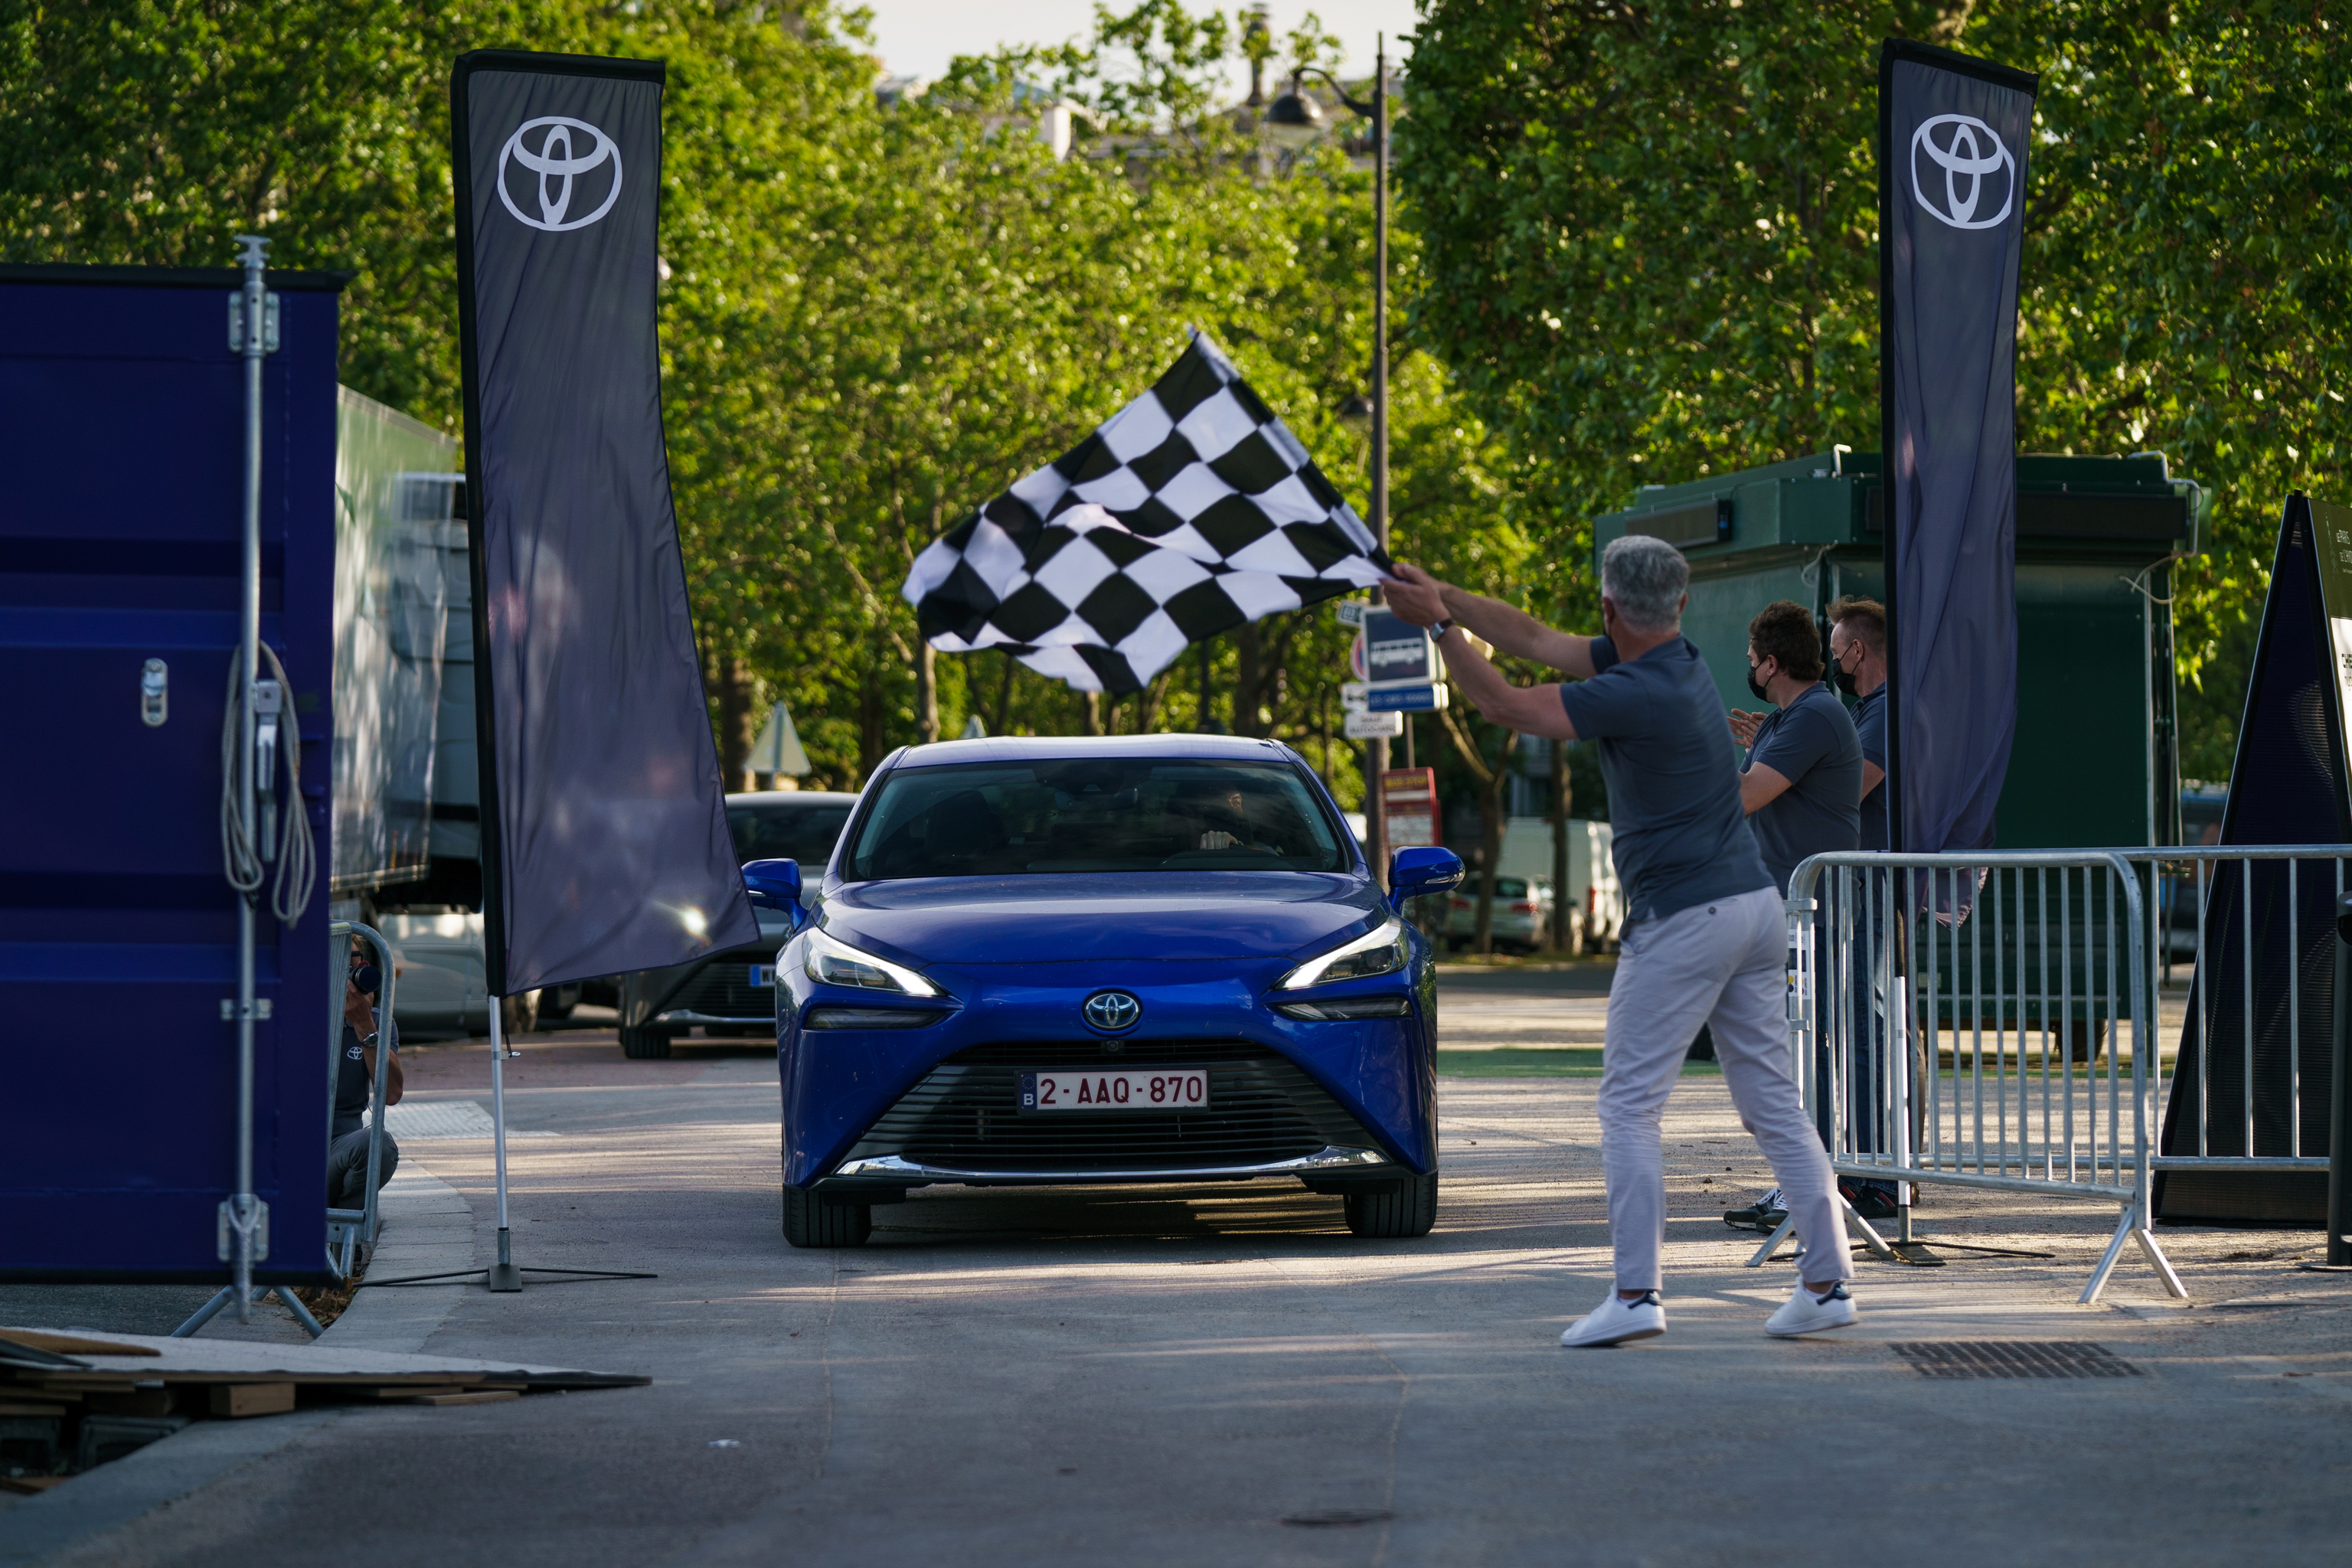 El momento en el que se da por terminada con éxito la tentativa de récord del Toyota Mirai.